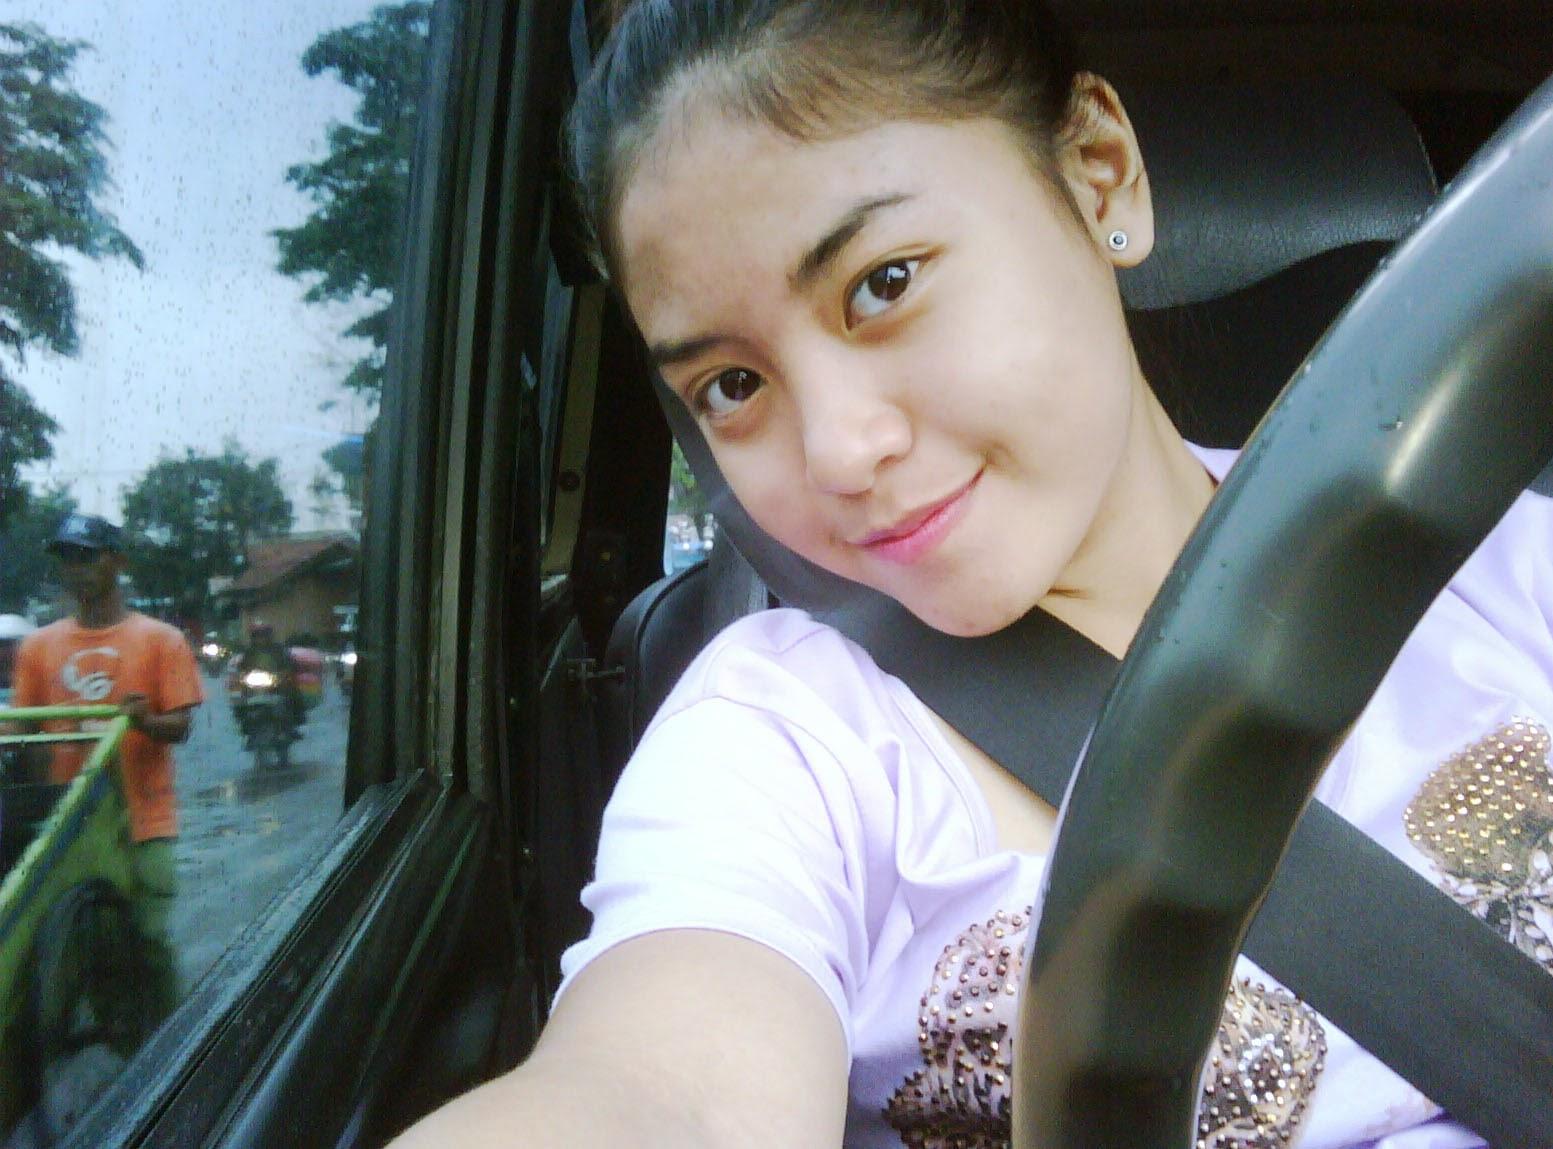 Foto Hot Cewek Abg Bandung Cantik Lagi Mandi